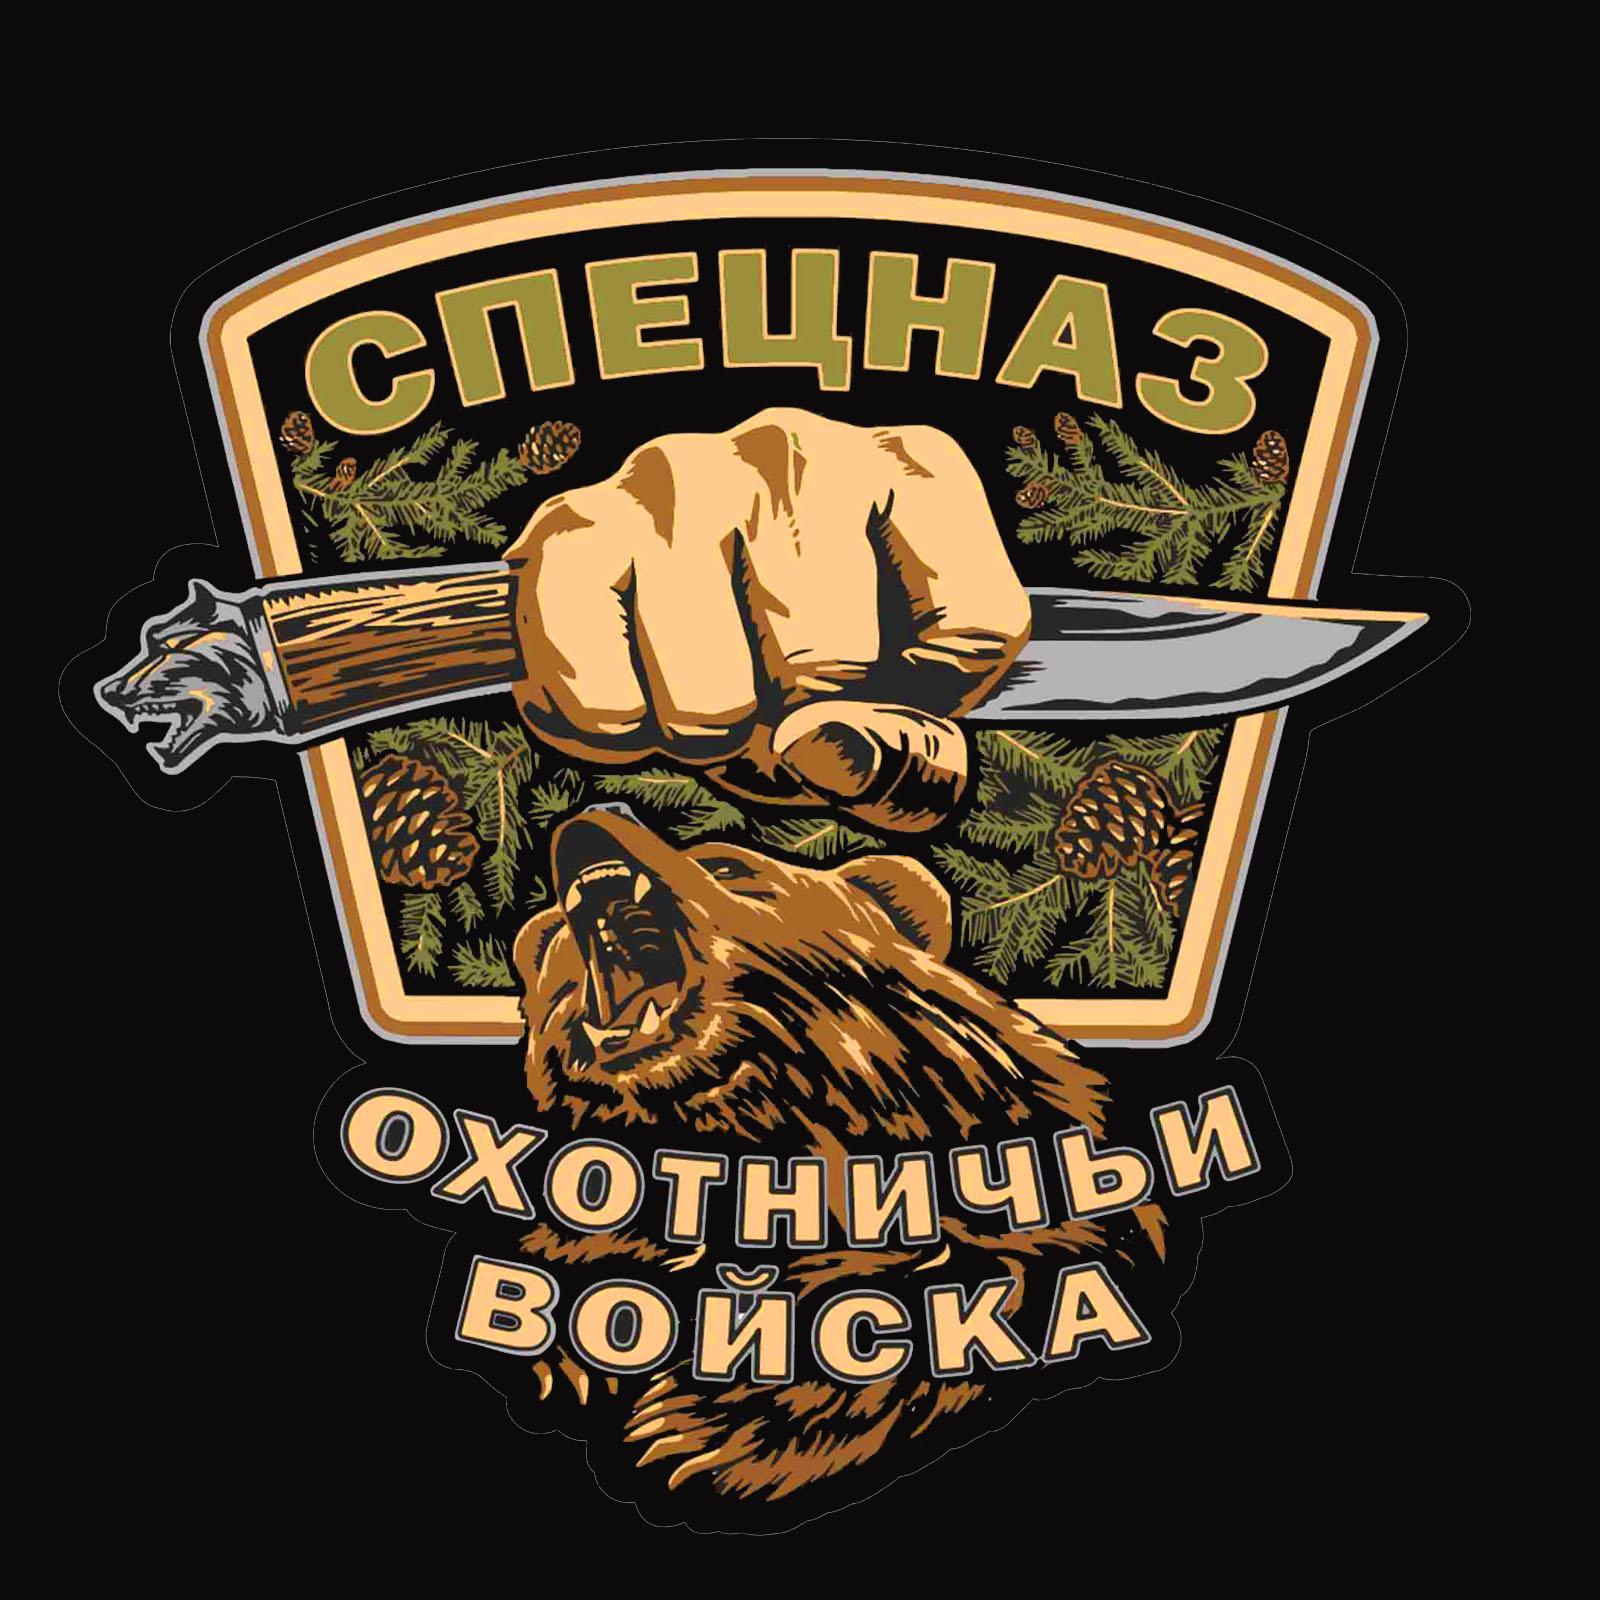 Черная мужская футболка с эмблемой Охотничьих войск - купить с доставкой